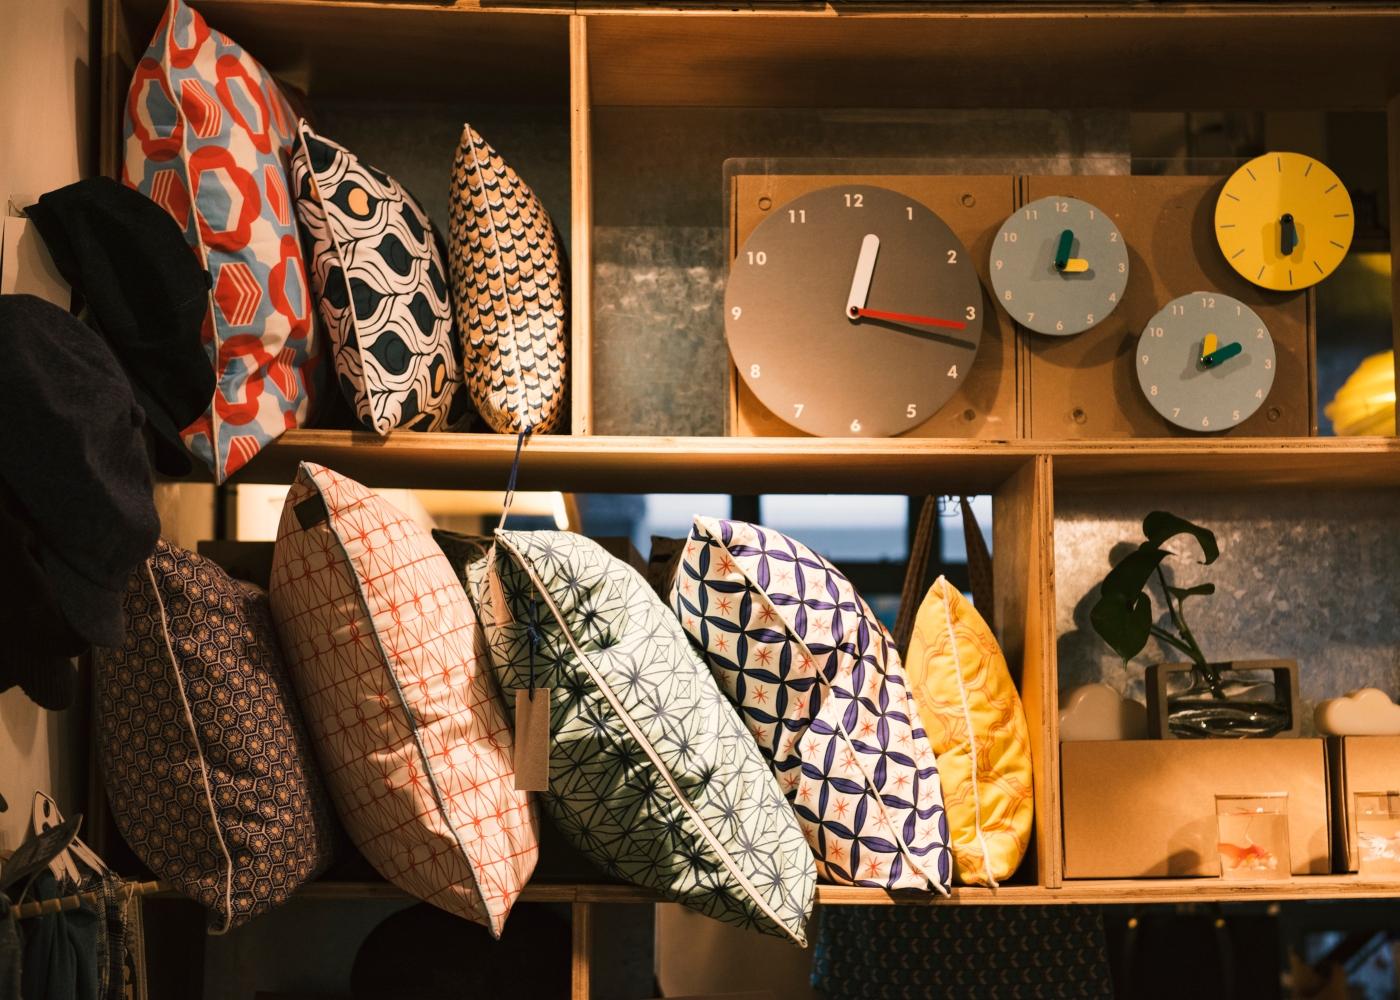 elementos decorativos expostos